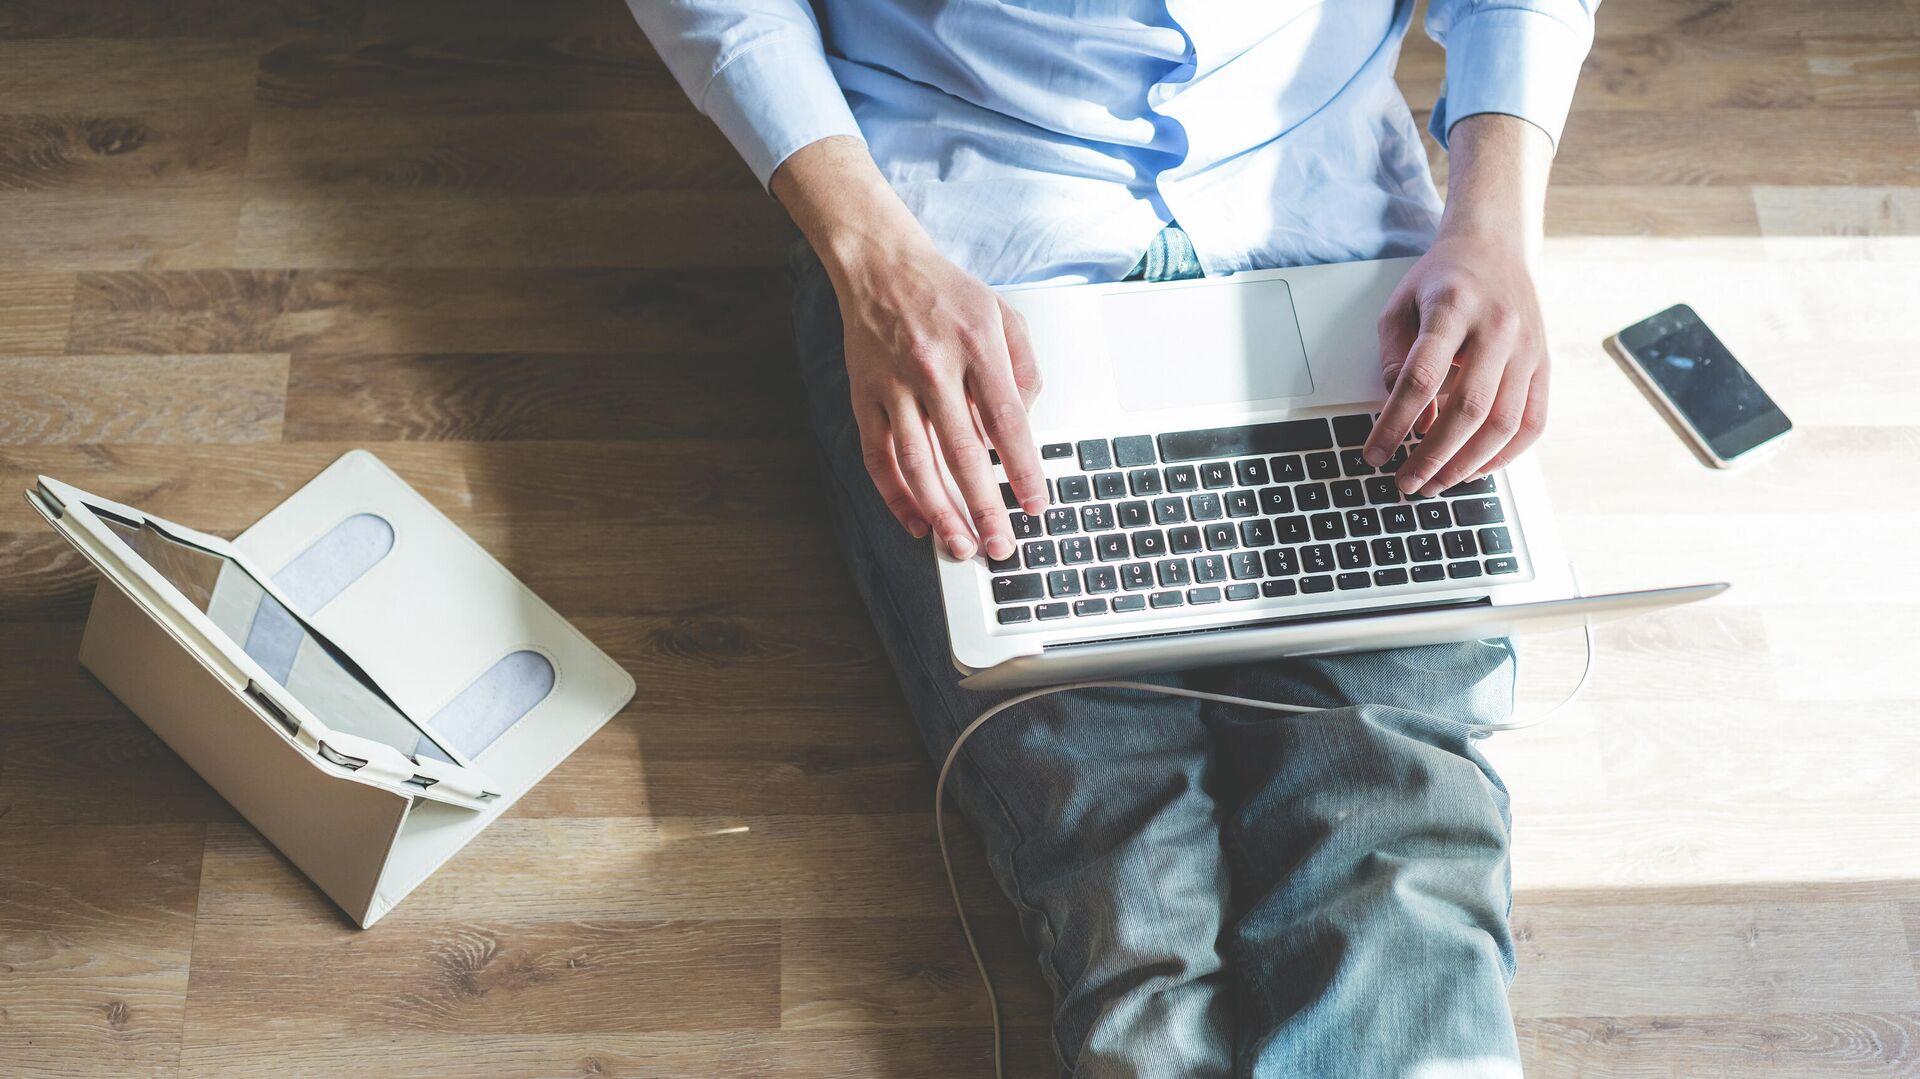 Мужчина во время работы в интернете - РИА Новости, 1920, 09.03.2021